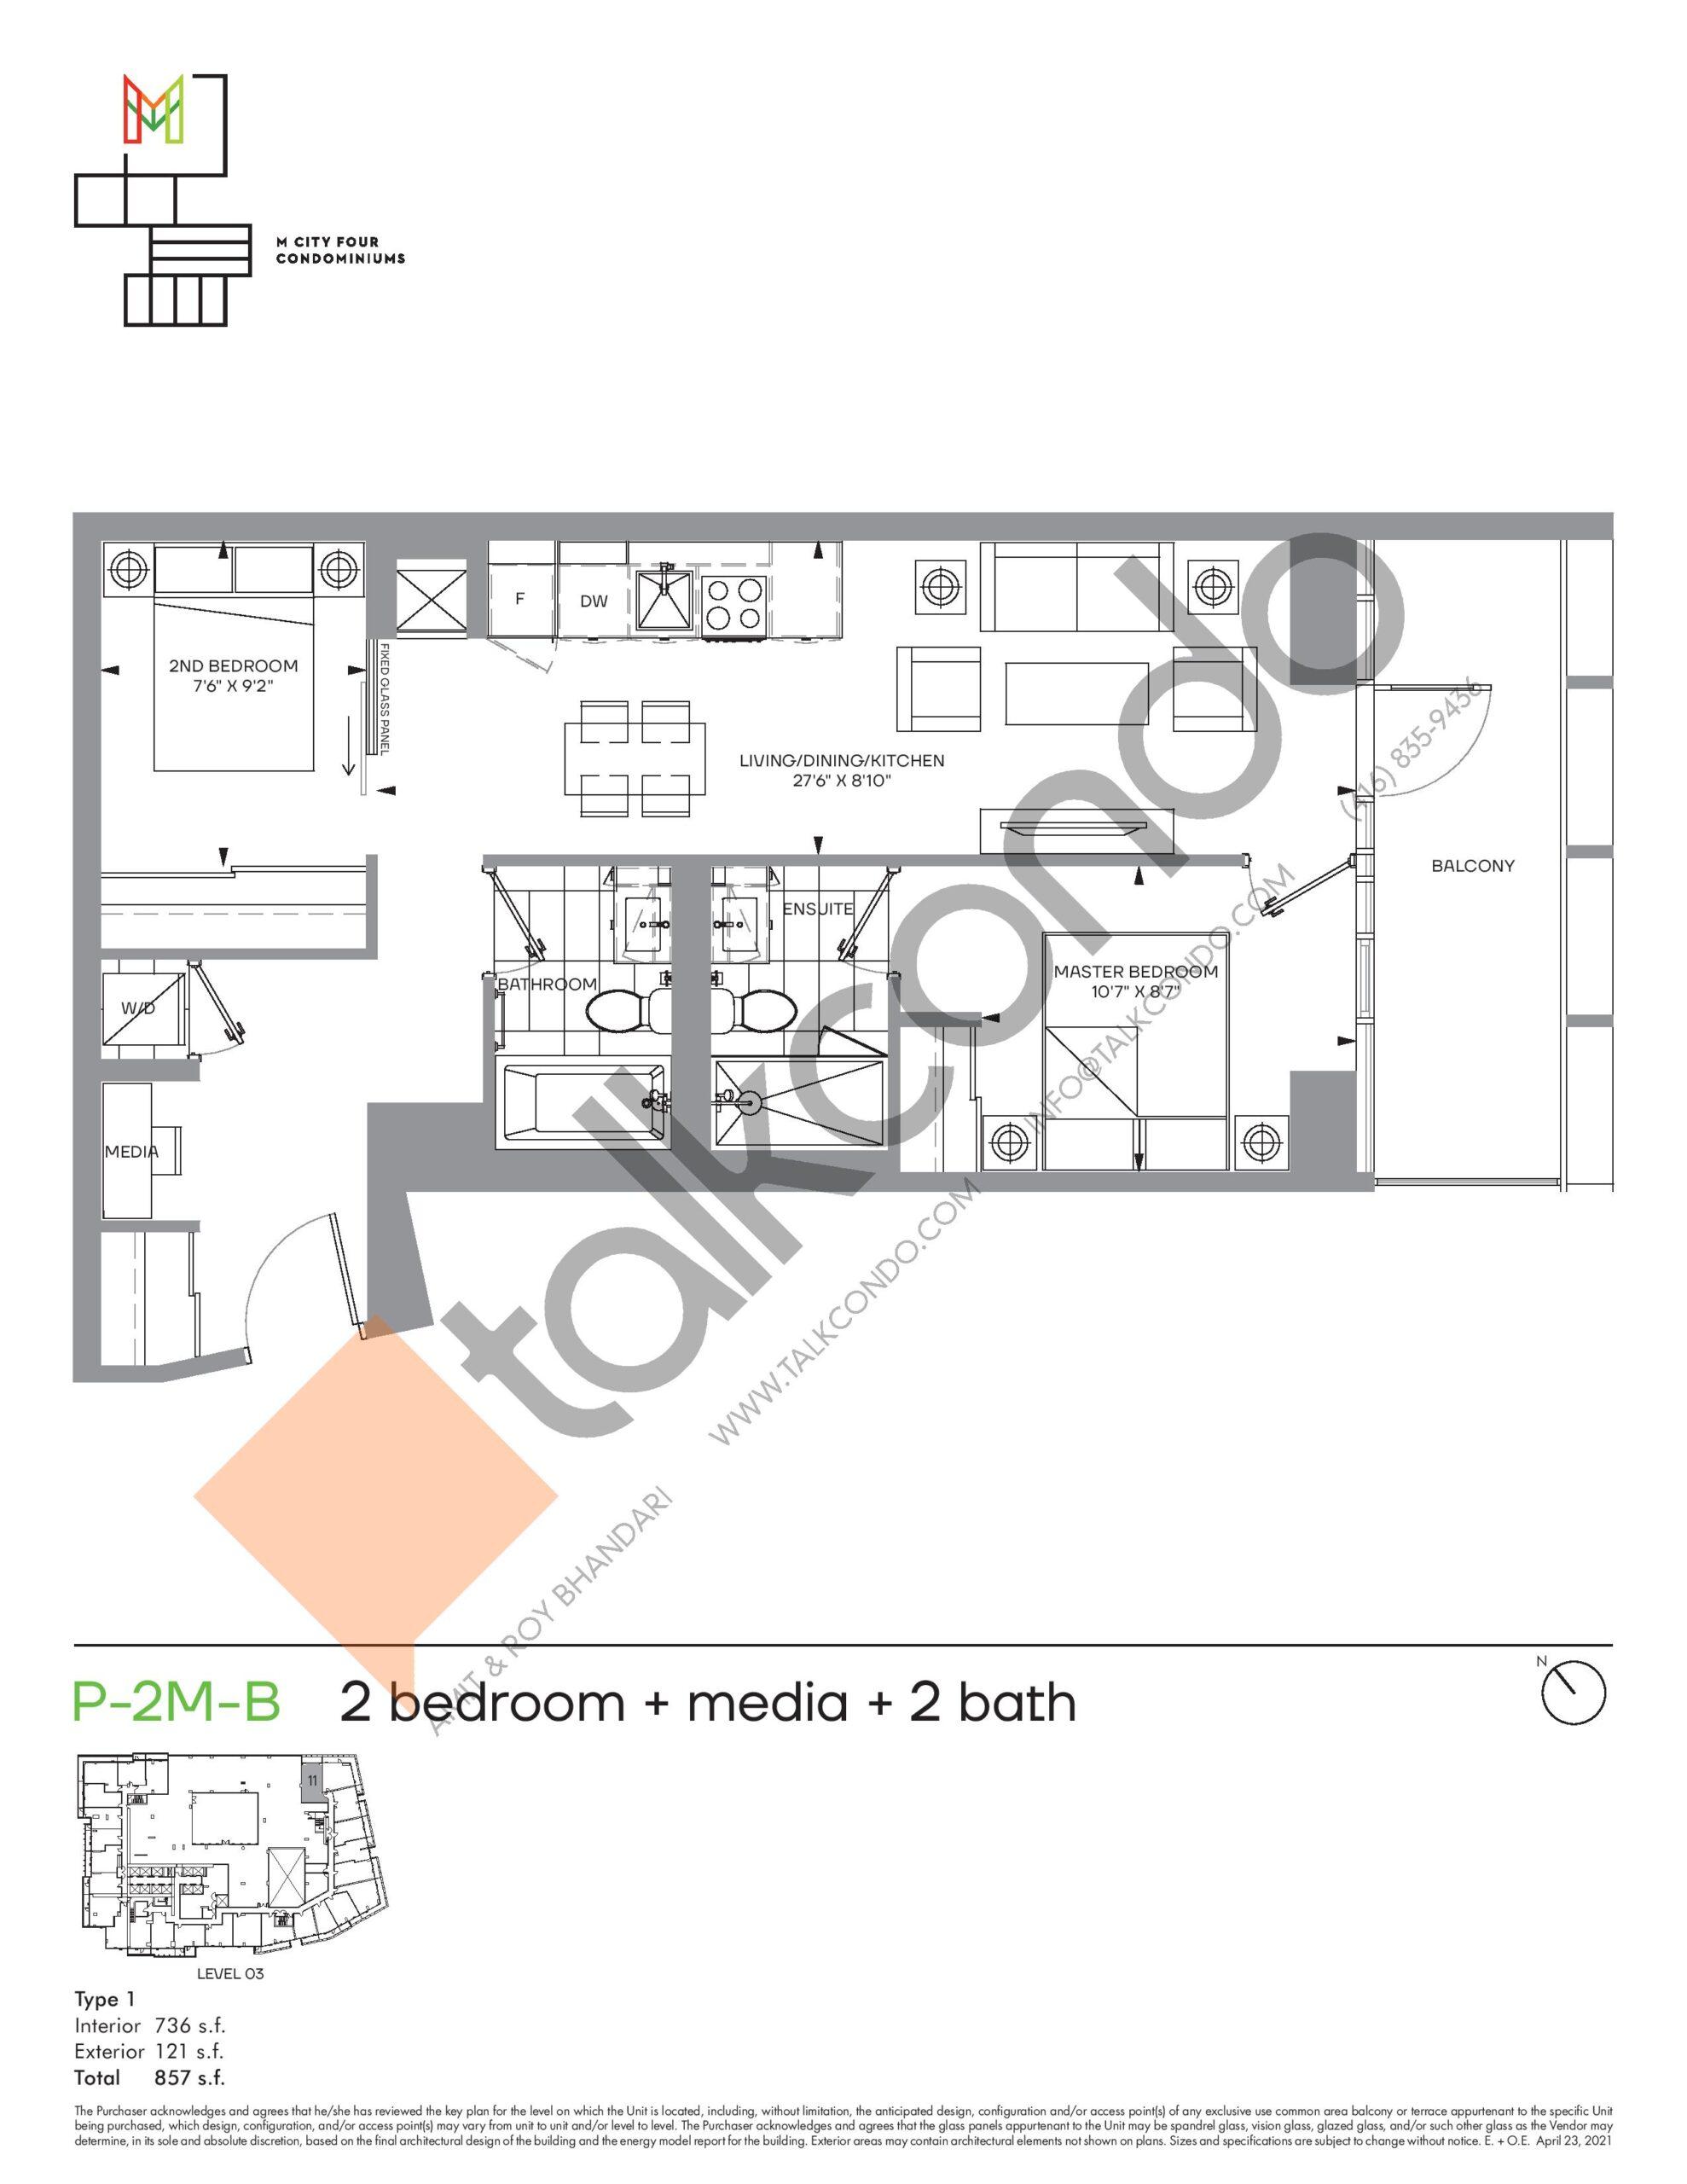 P-2M-B (Podium) Floor Plan at M4 Condos - 736 sq.ft